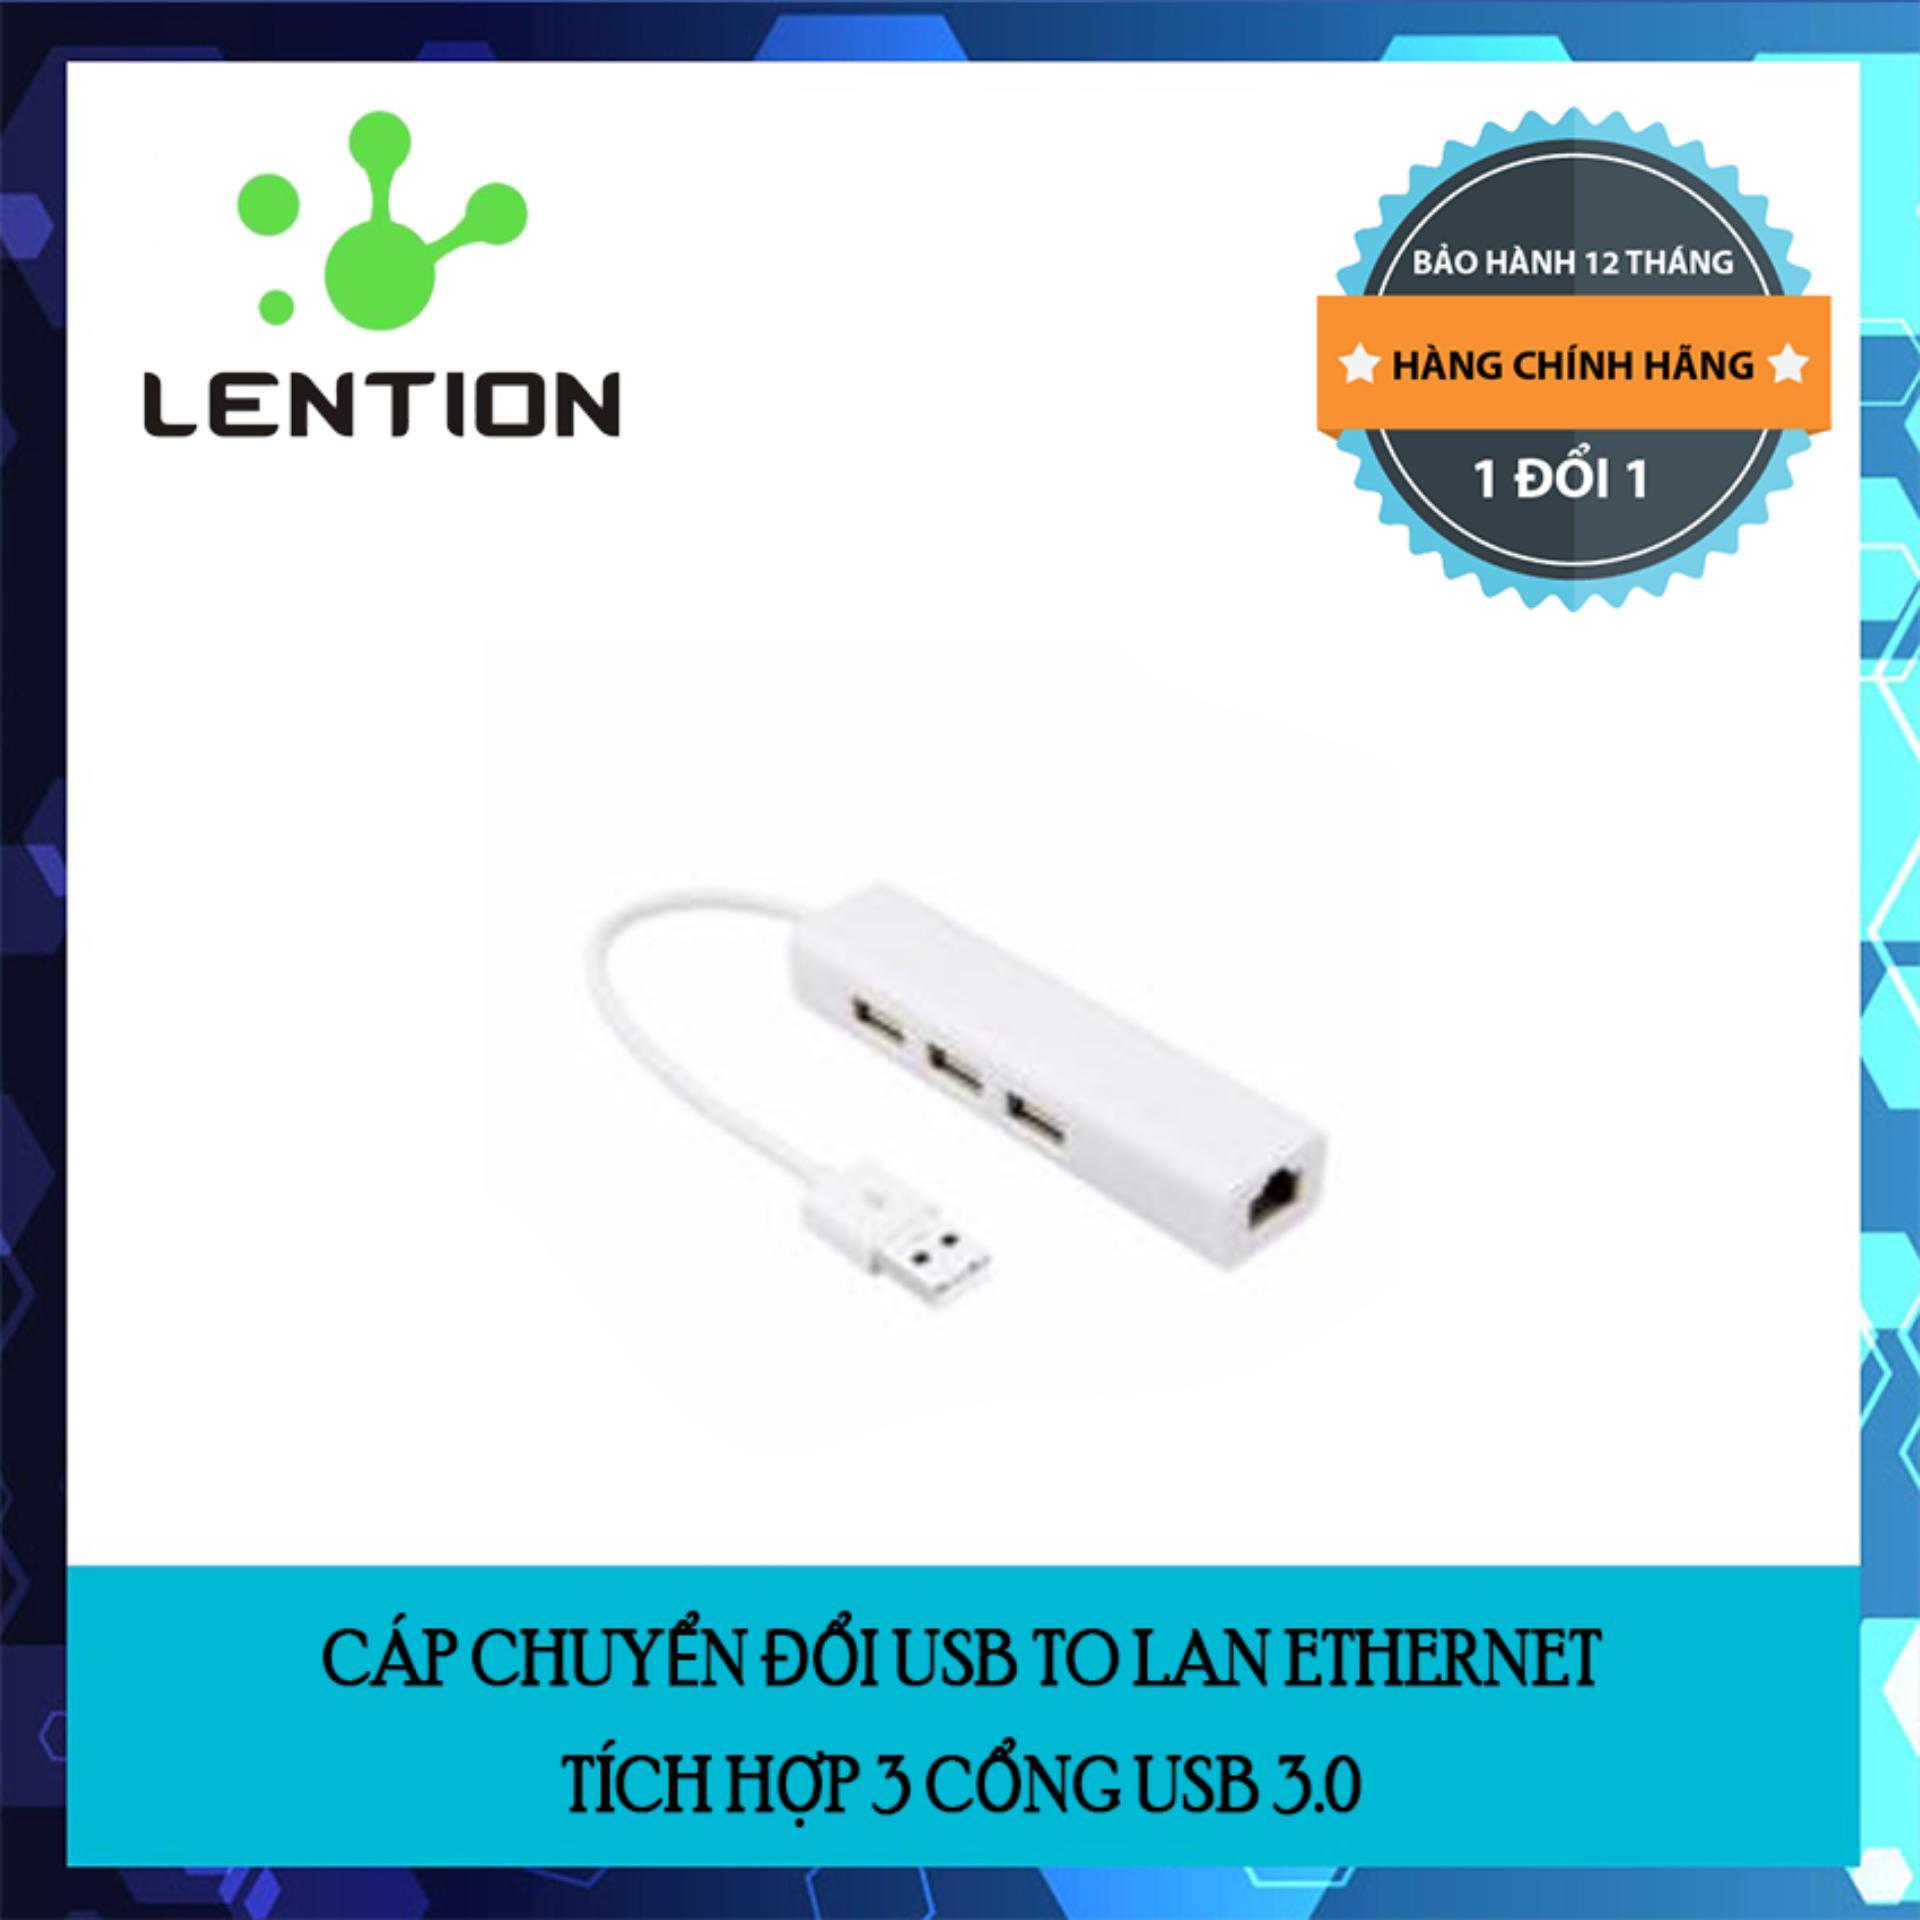 Cáp chuyển đổi USB to LAN Ethernet tích hợp 3 cổng USB 3.0 chính hãng Lention